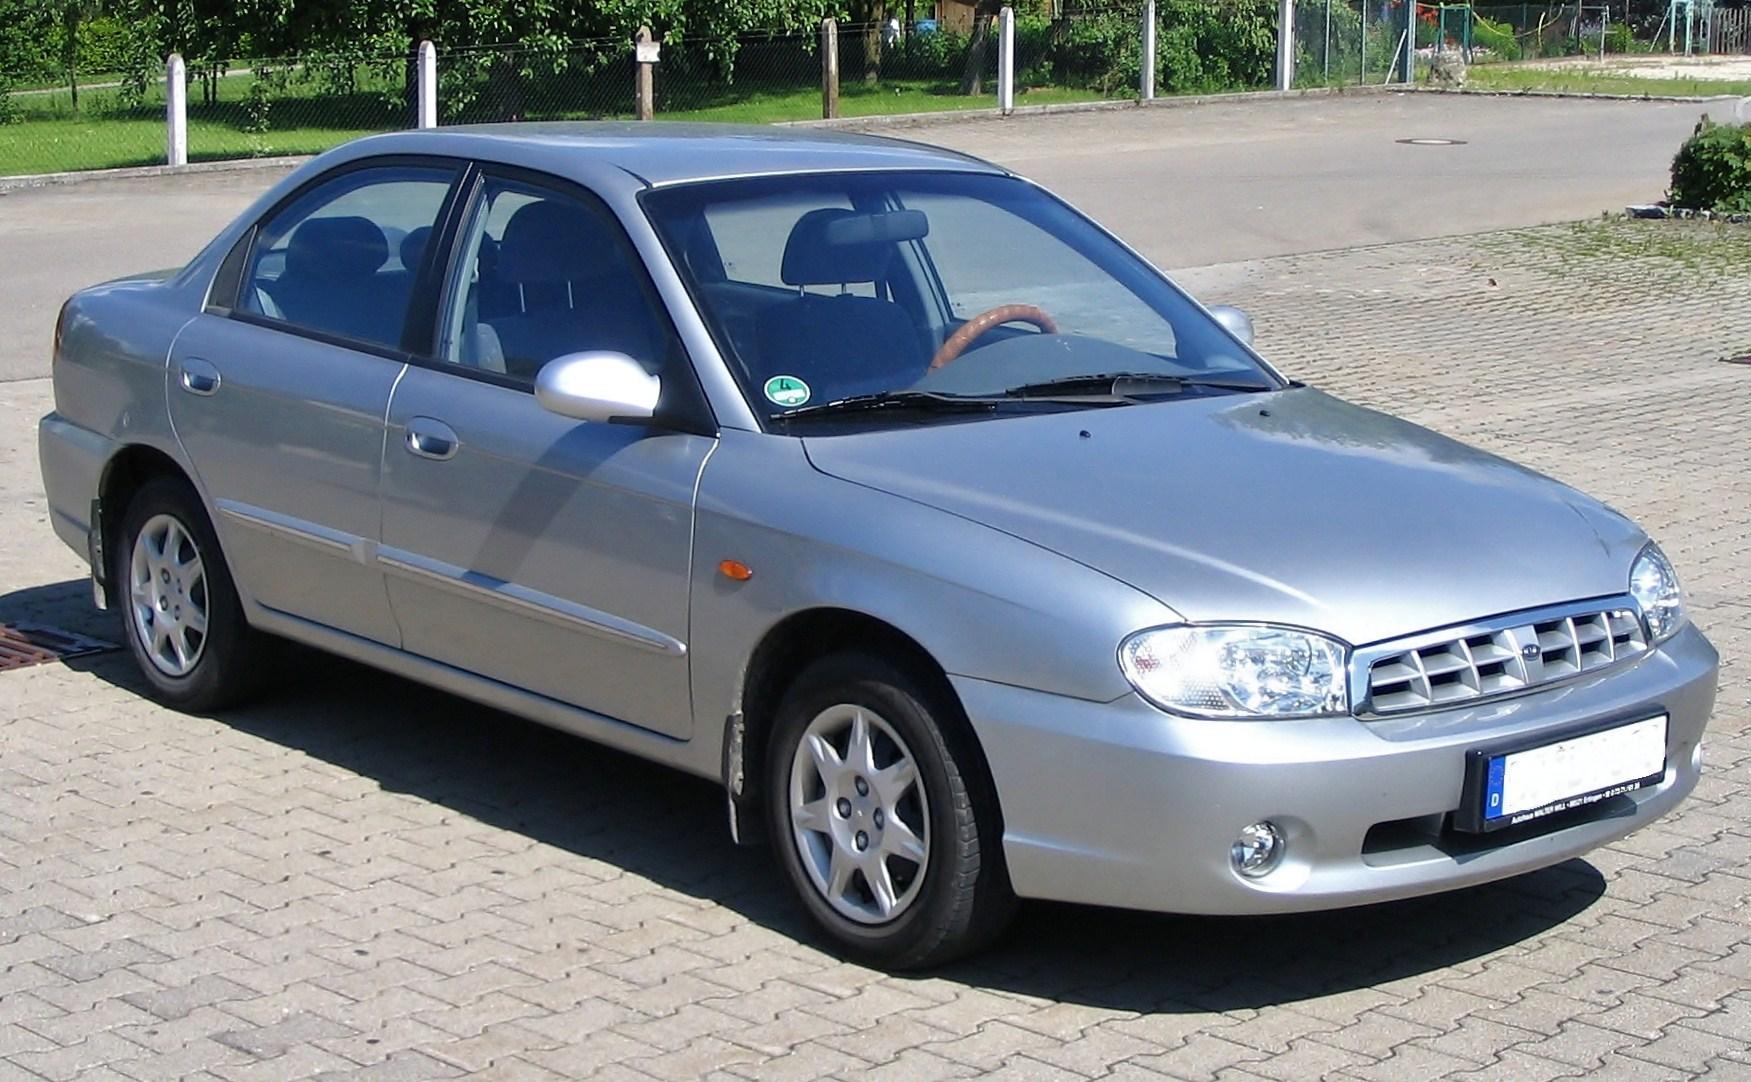 Kia Mentor II 2001 - 2002 Sedan #5